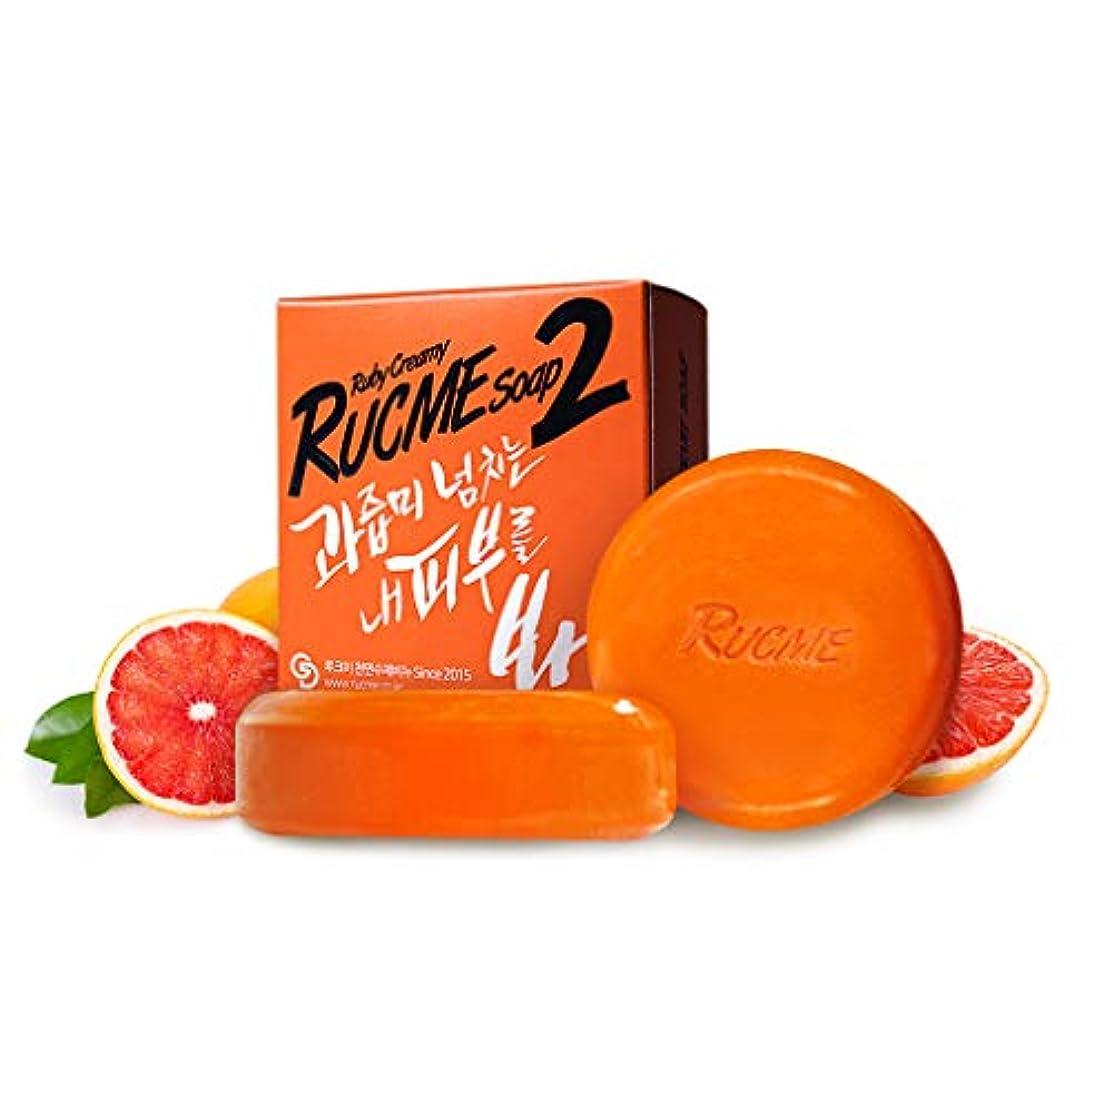 専制リーマージ[RUCME] グレープフルーツ&パプリカ 洗顔石鹸/ルビークリーミーソープ 2